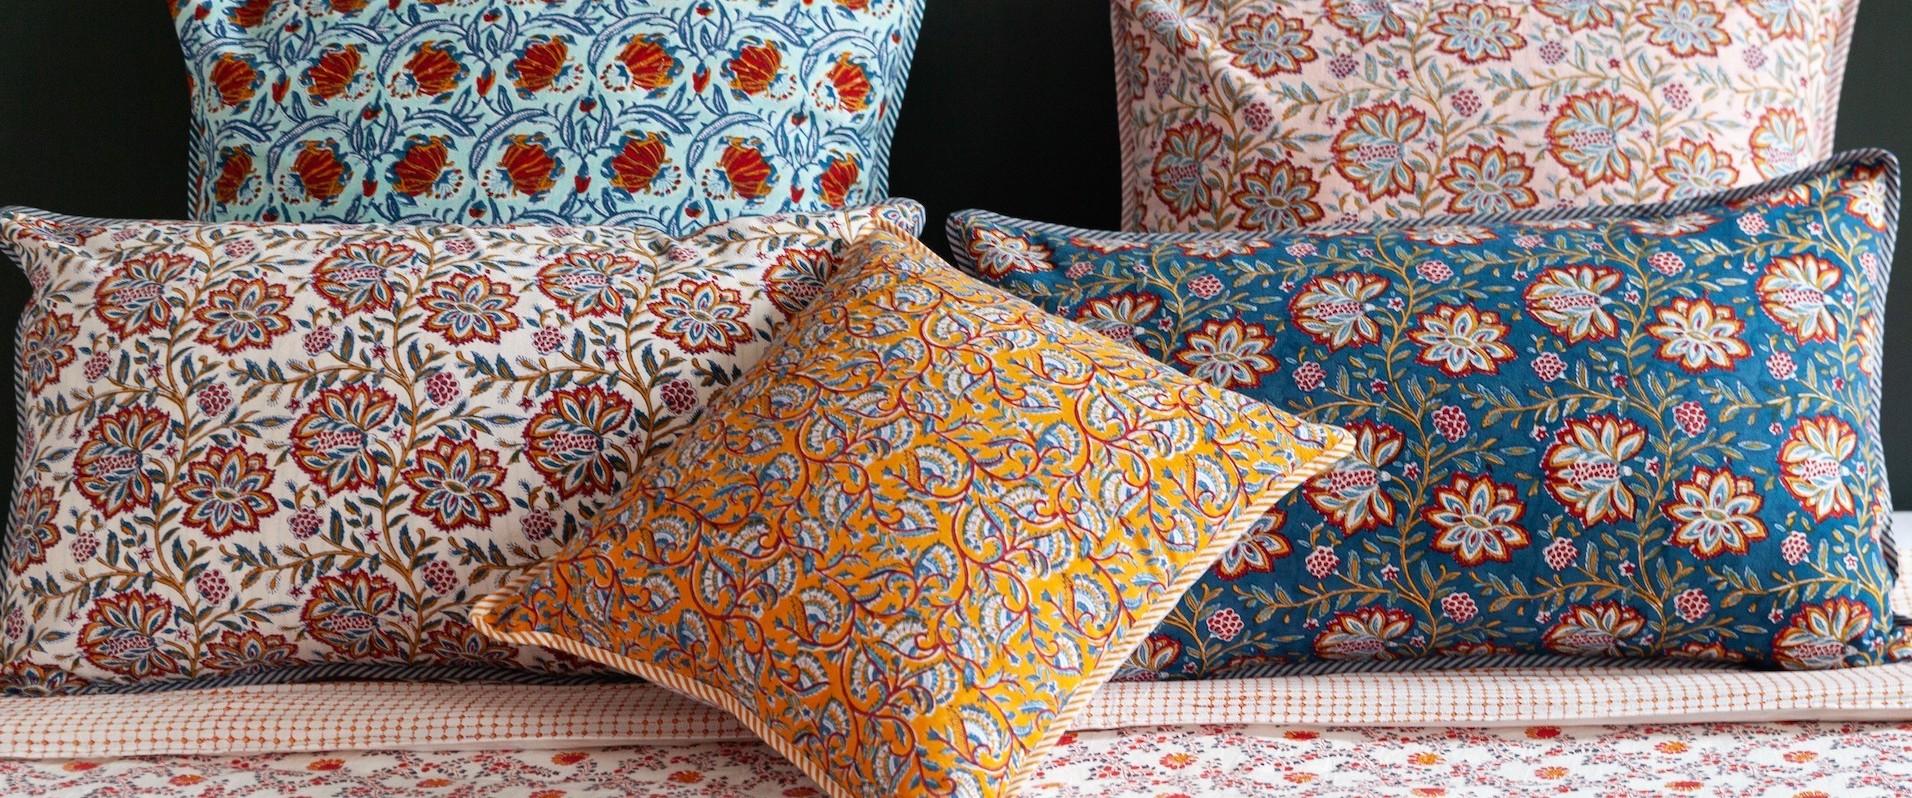 cushions jamini